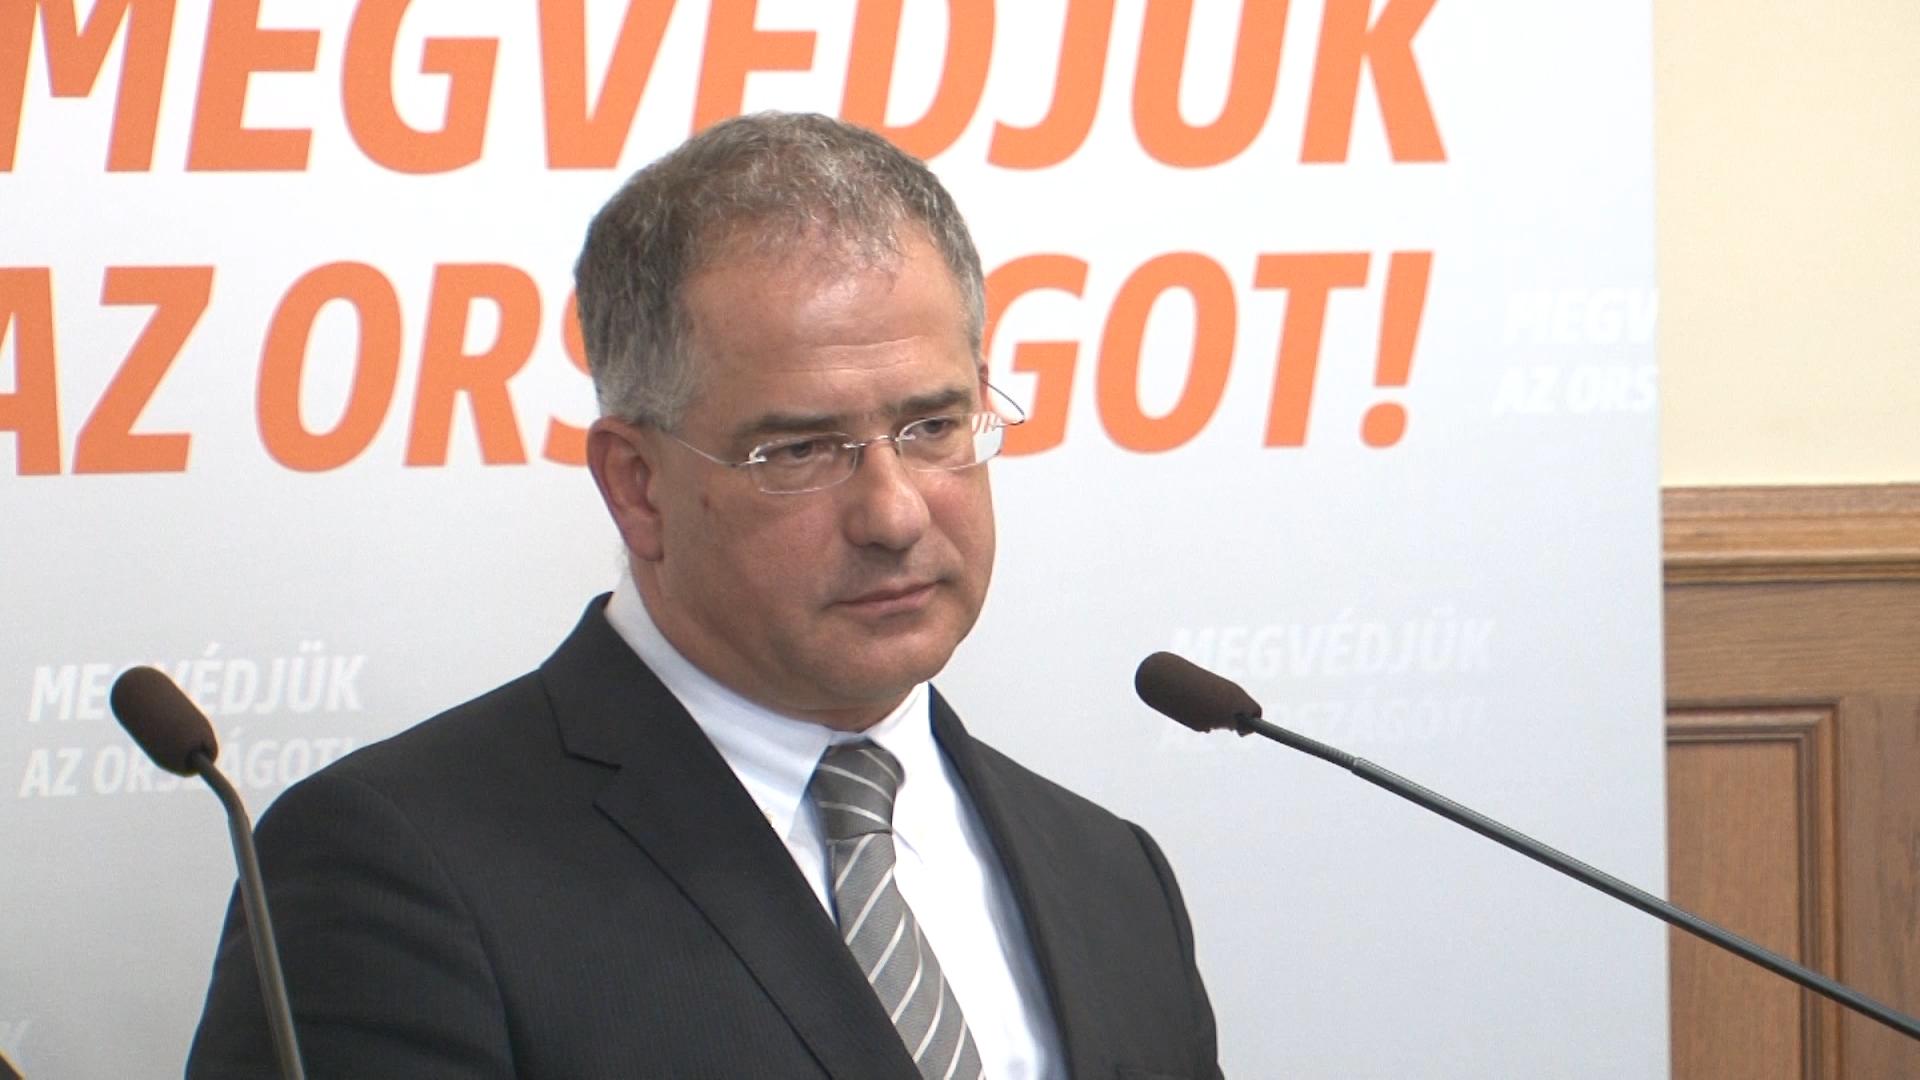 Kósa Lajos: Palkovics úr nyilatkozata nem jelenti semminek az alapját